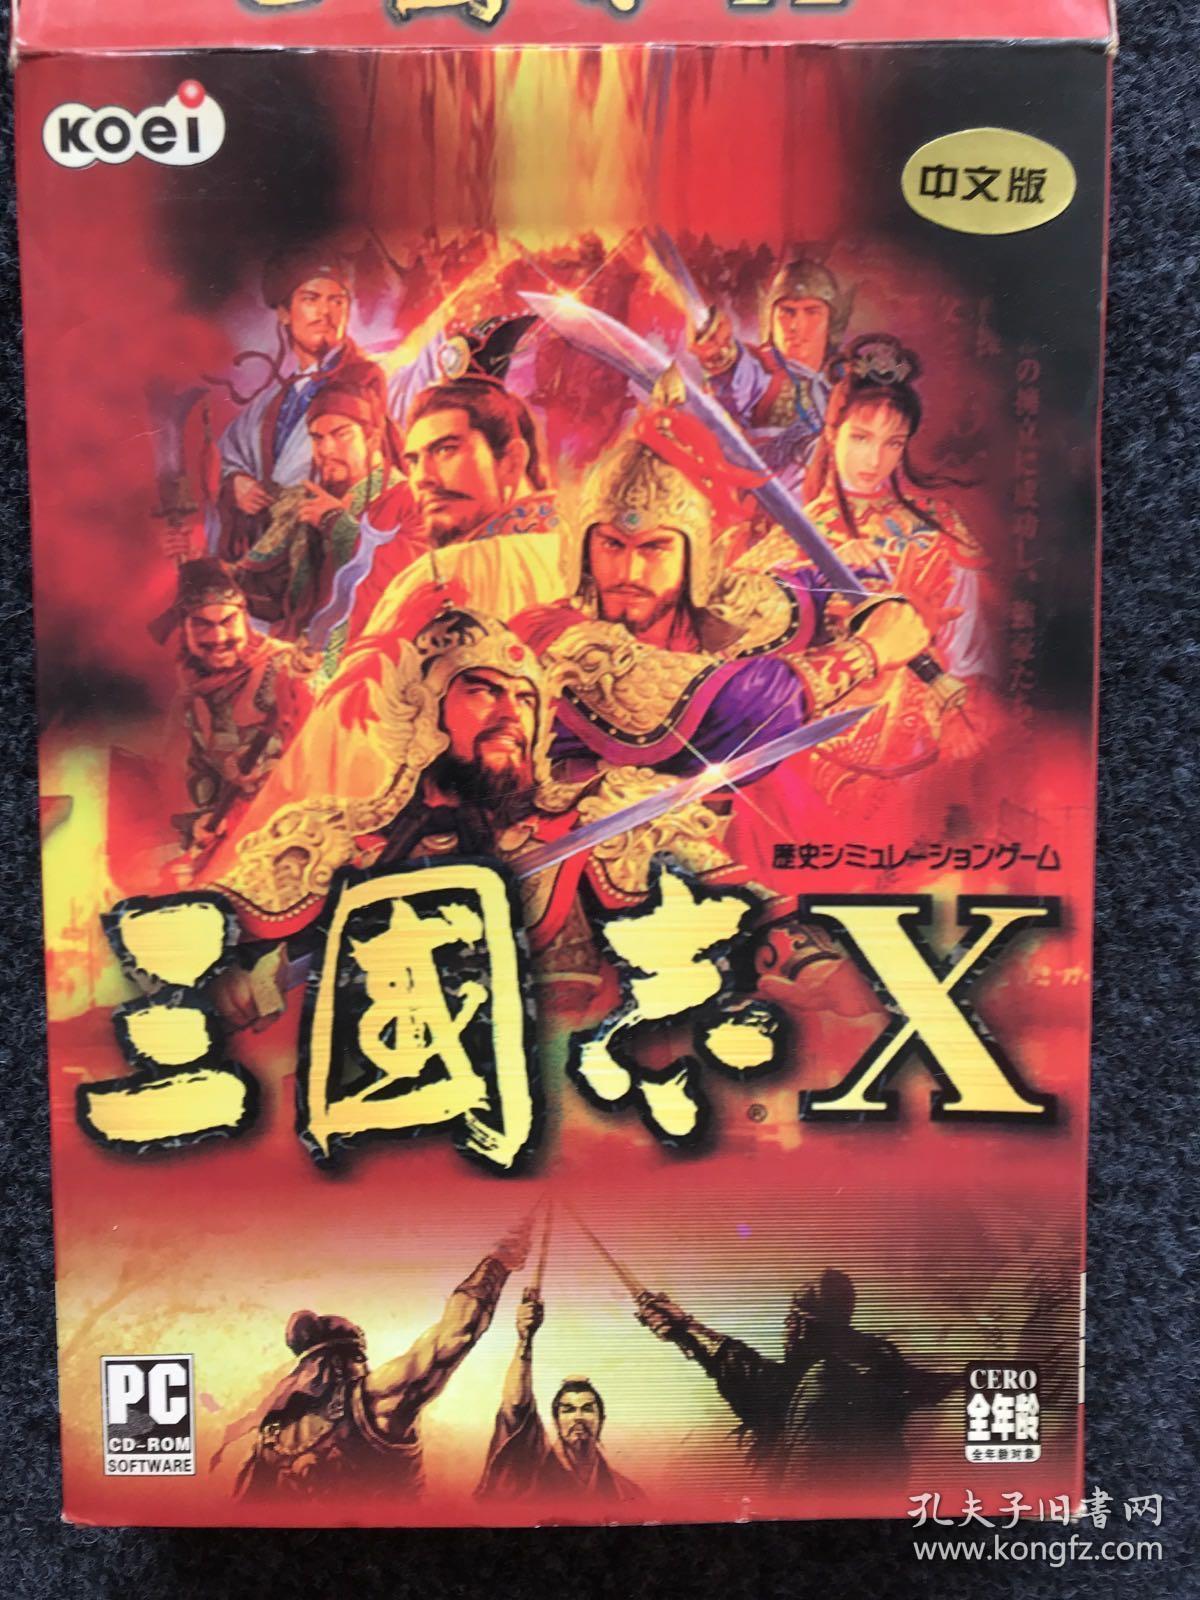 游戏光盘 三国志10(X)中视网元 光荣 首发版 简体中文版 电脑游戏 pc游戏 正版游戏 绝版